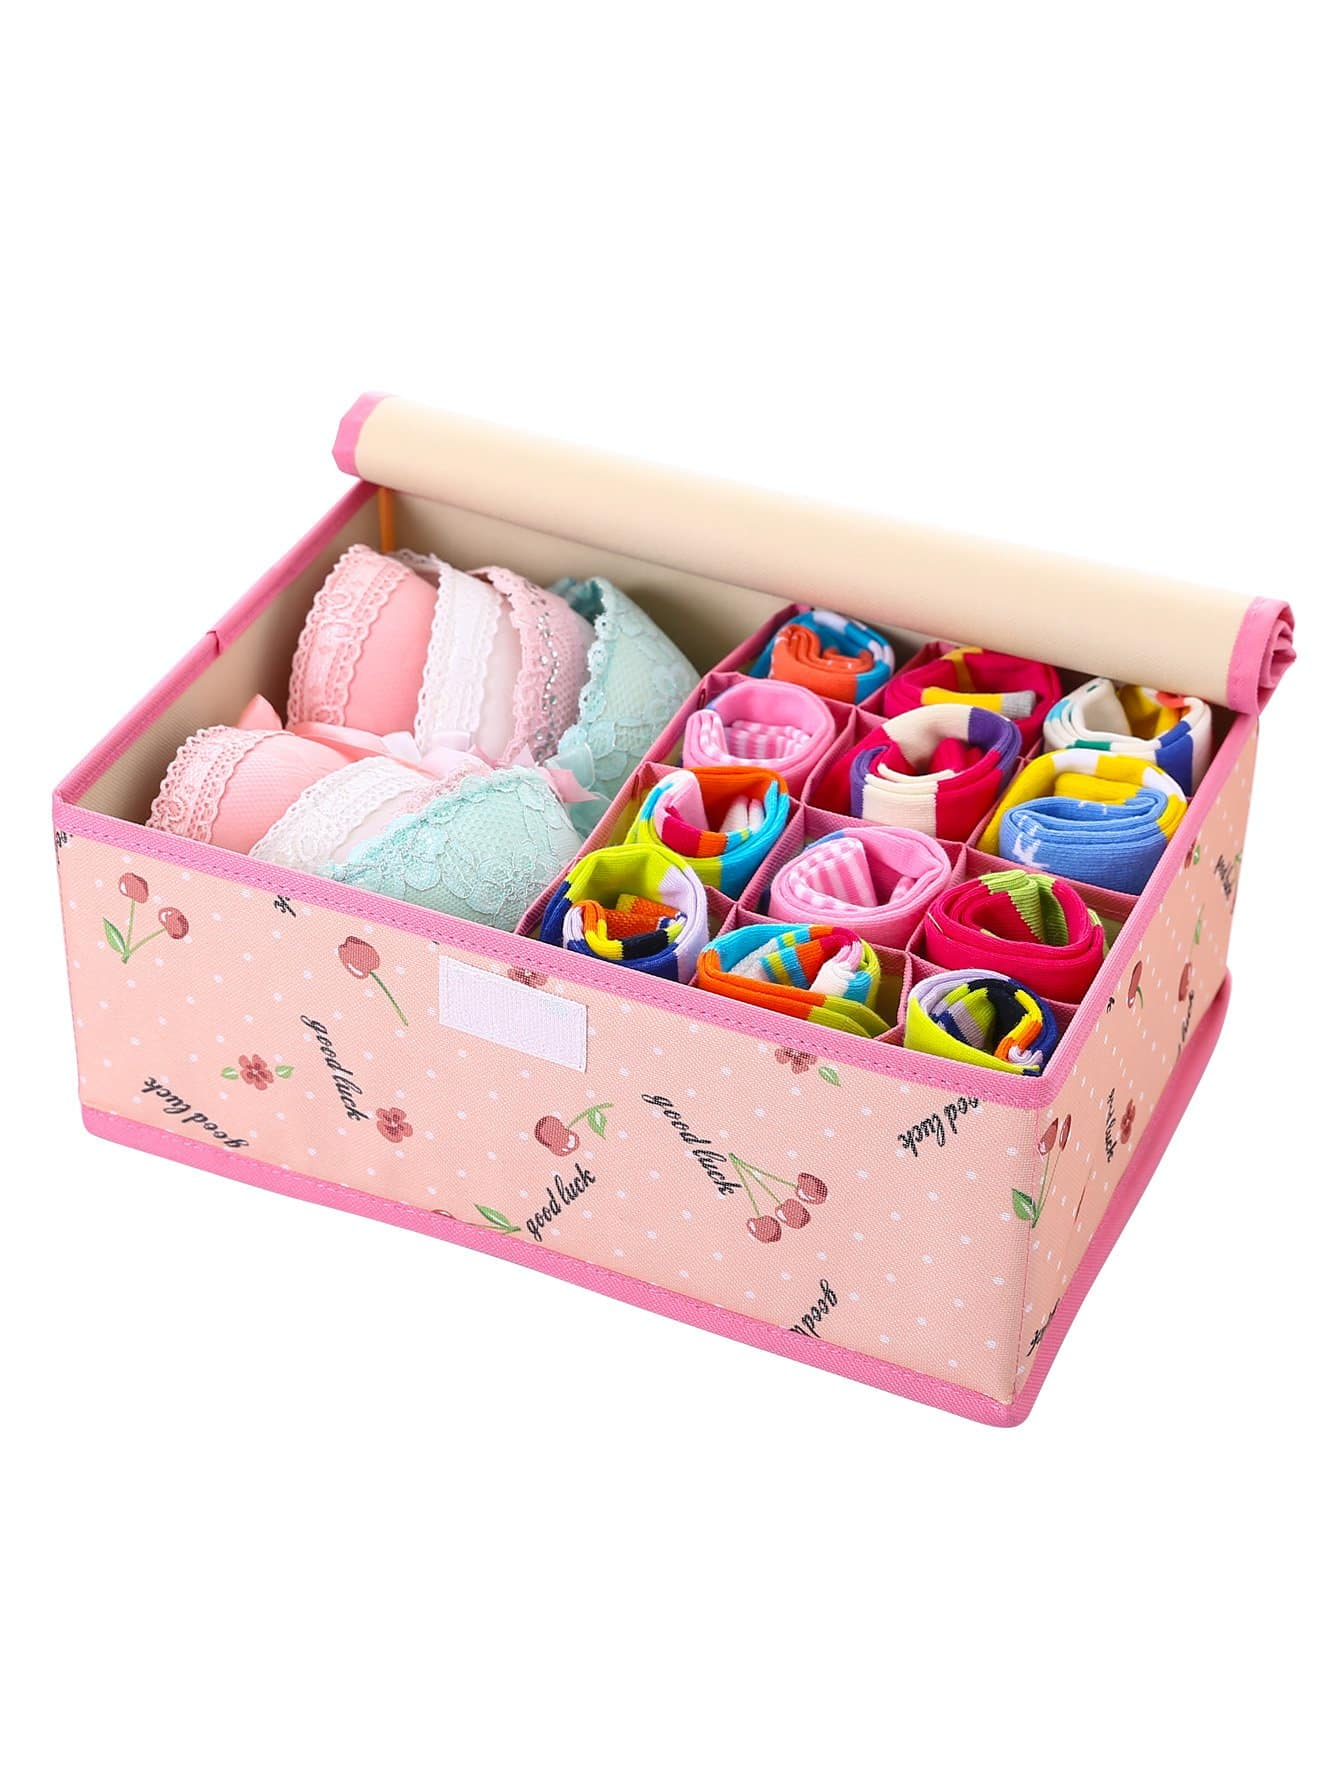 Купить Ящик для хранения нижнего белья с принтом вишен, null, SheIn